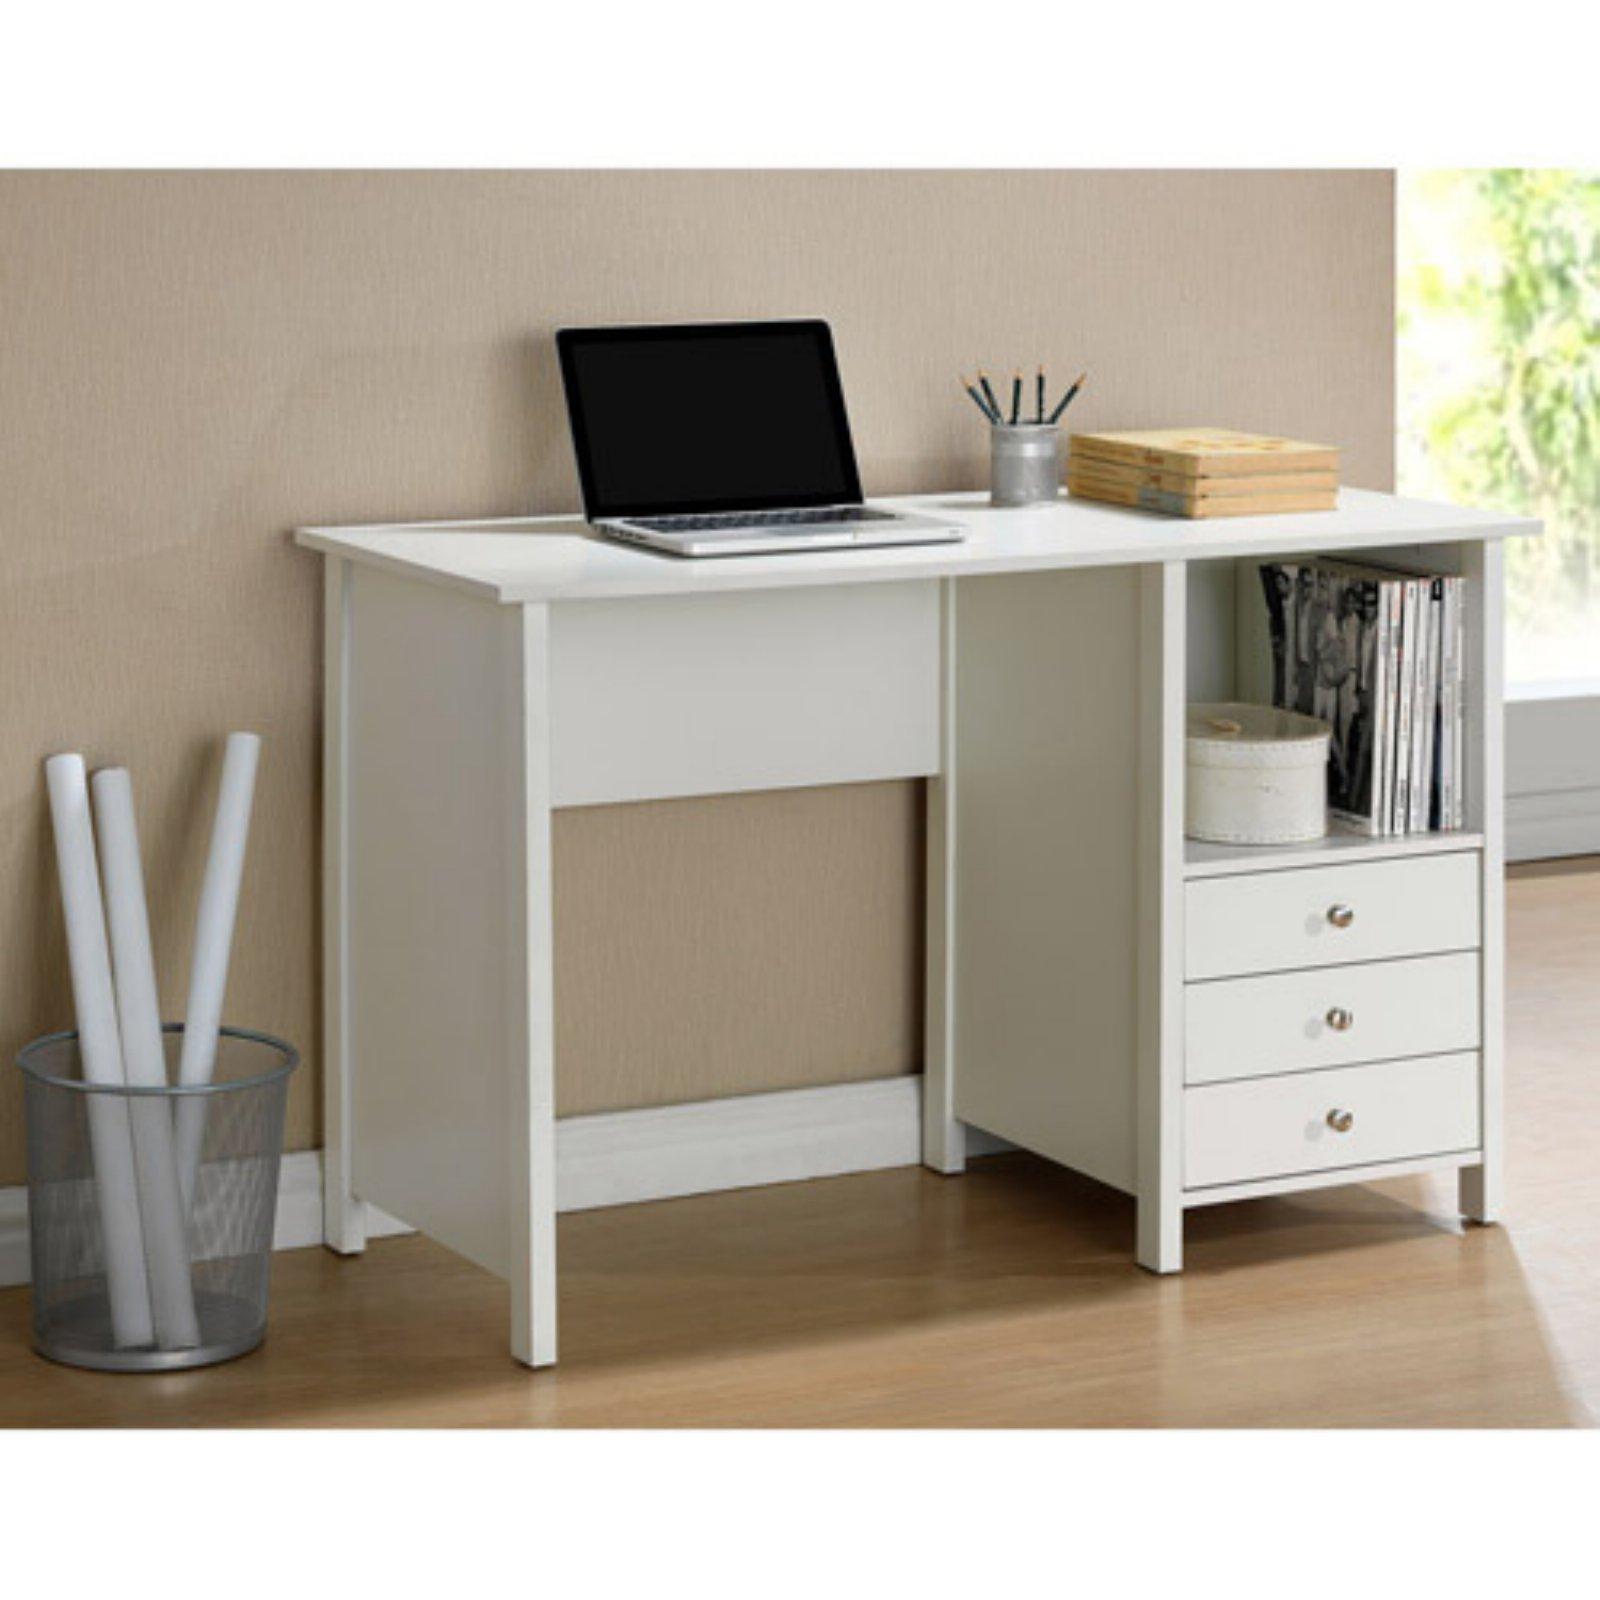 Excellent Techni Mobili Contempo Desk White In 2019 Products Interior Design Ideas Clesiryabchikinfo